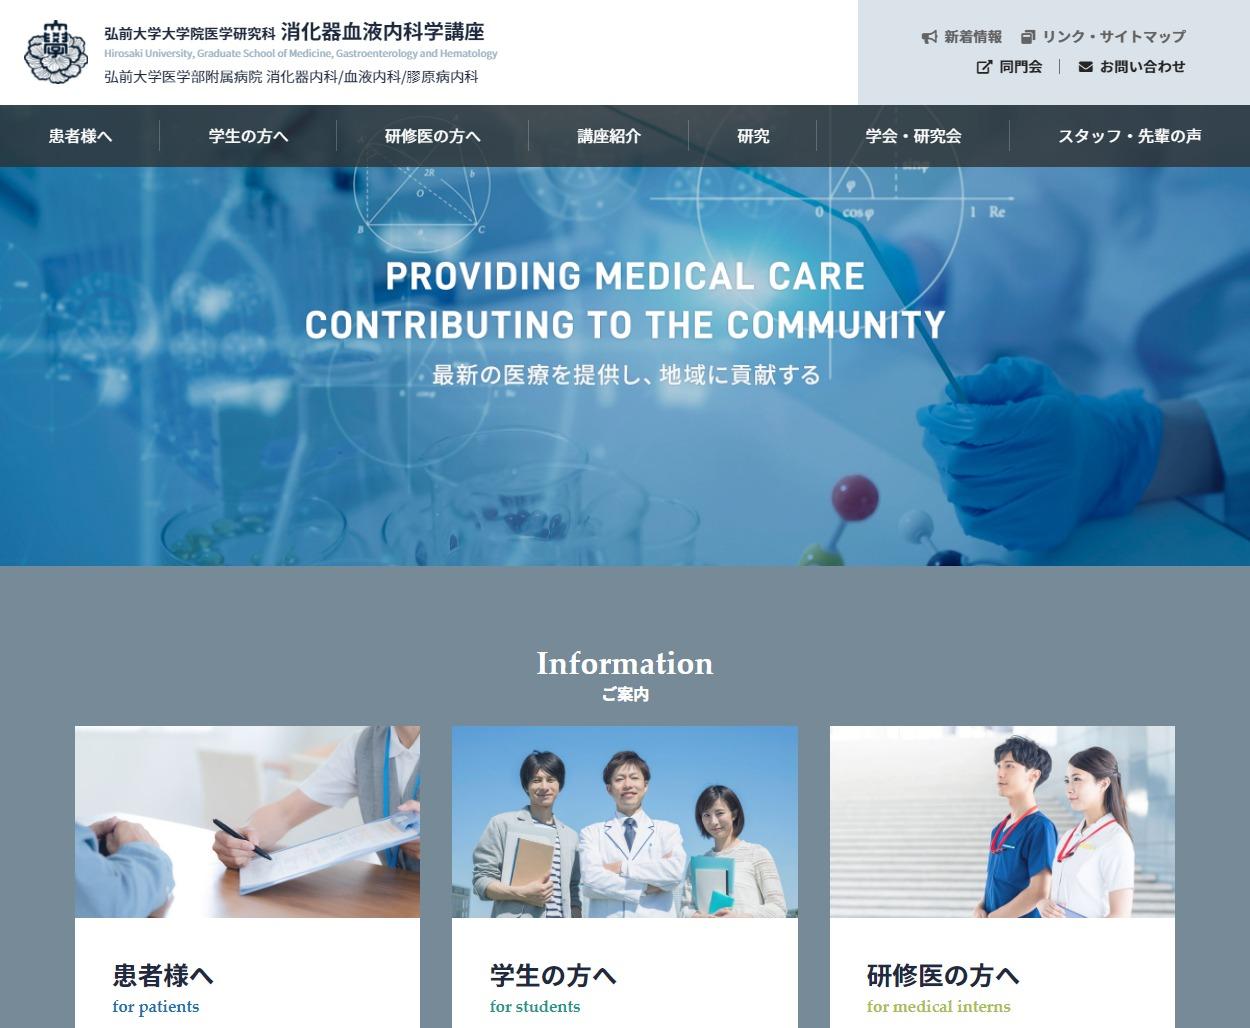 弘前大学大学院医学研究科 消化器血液内科学講座ホームページ